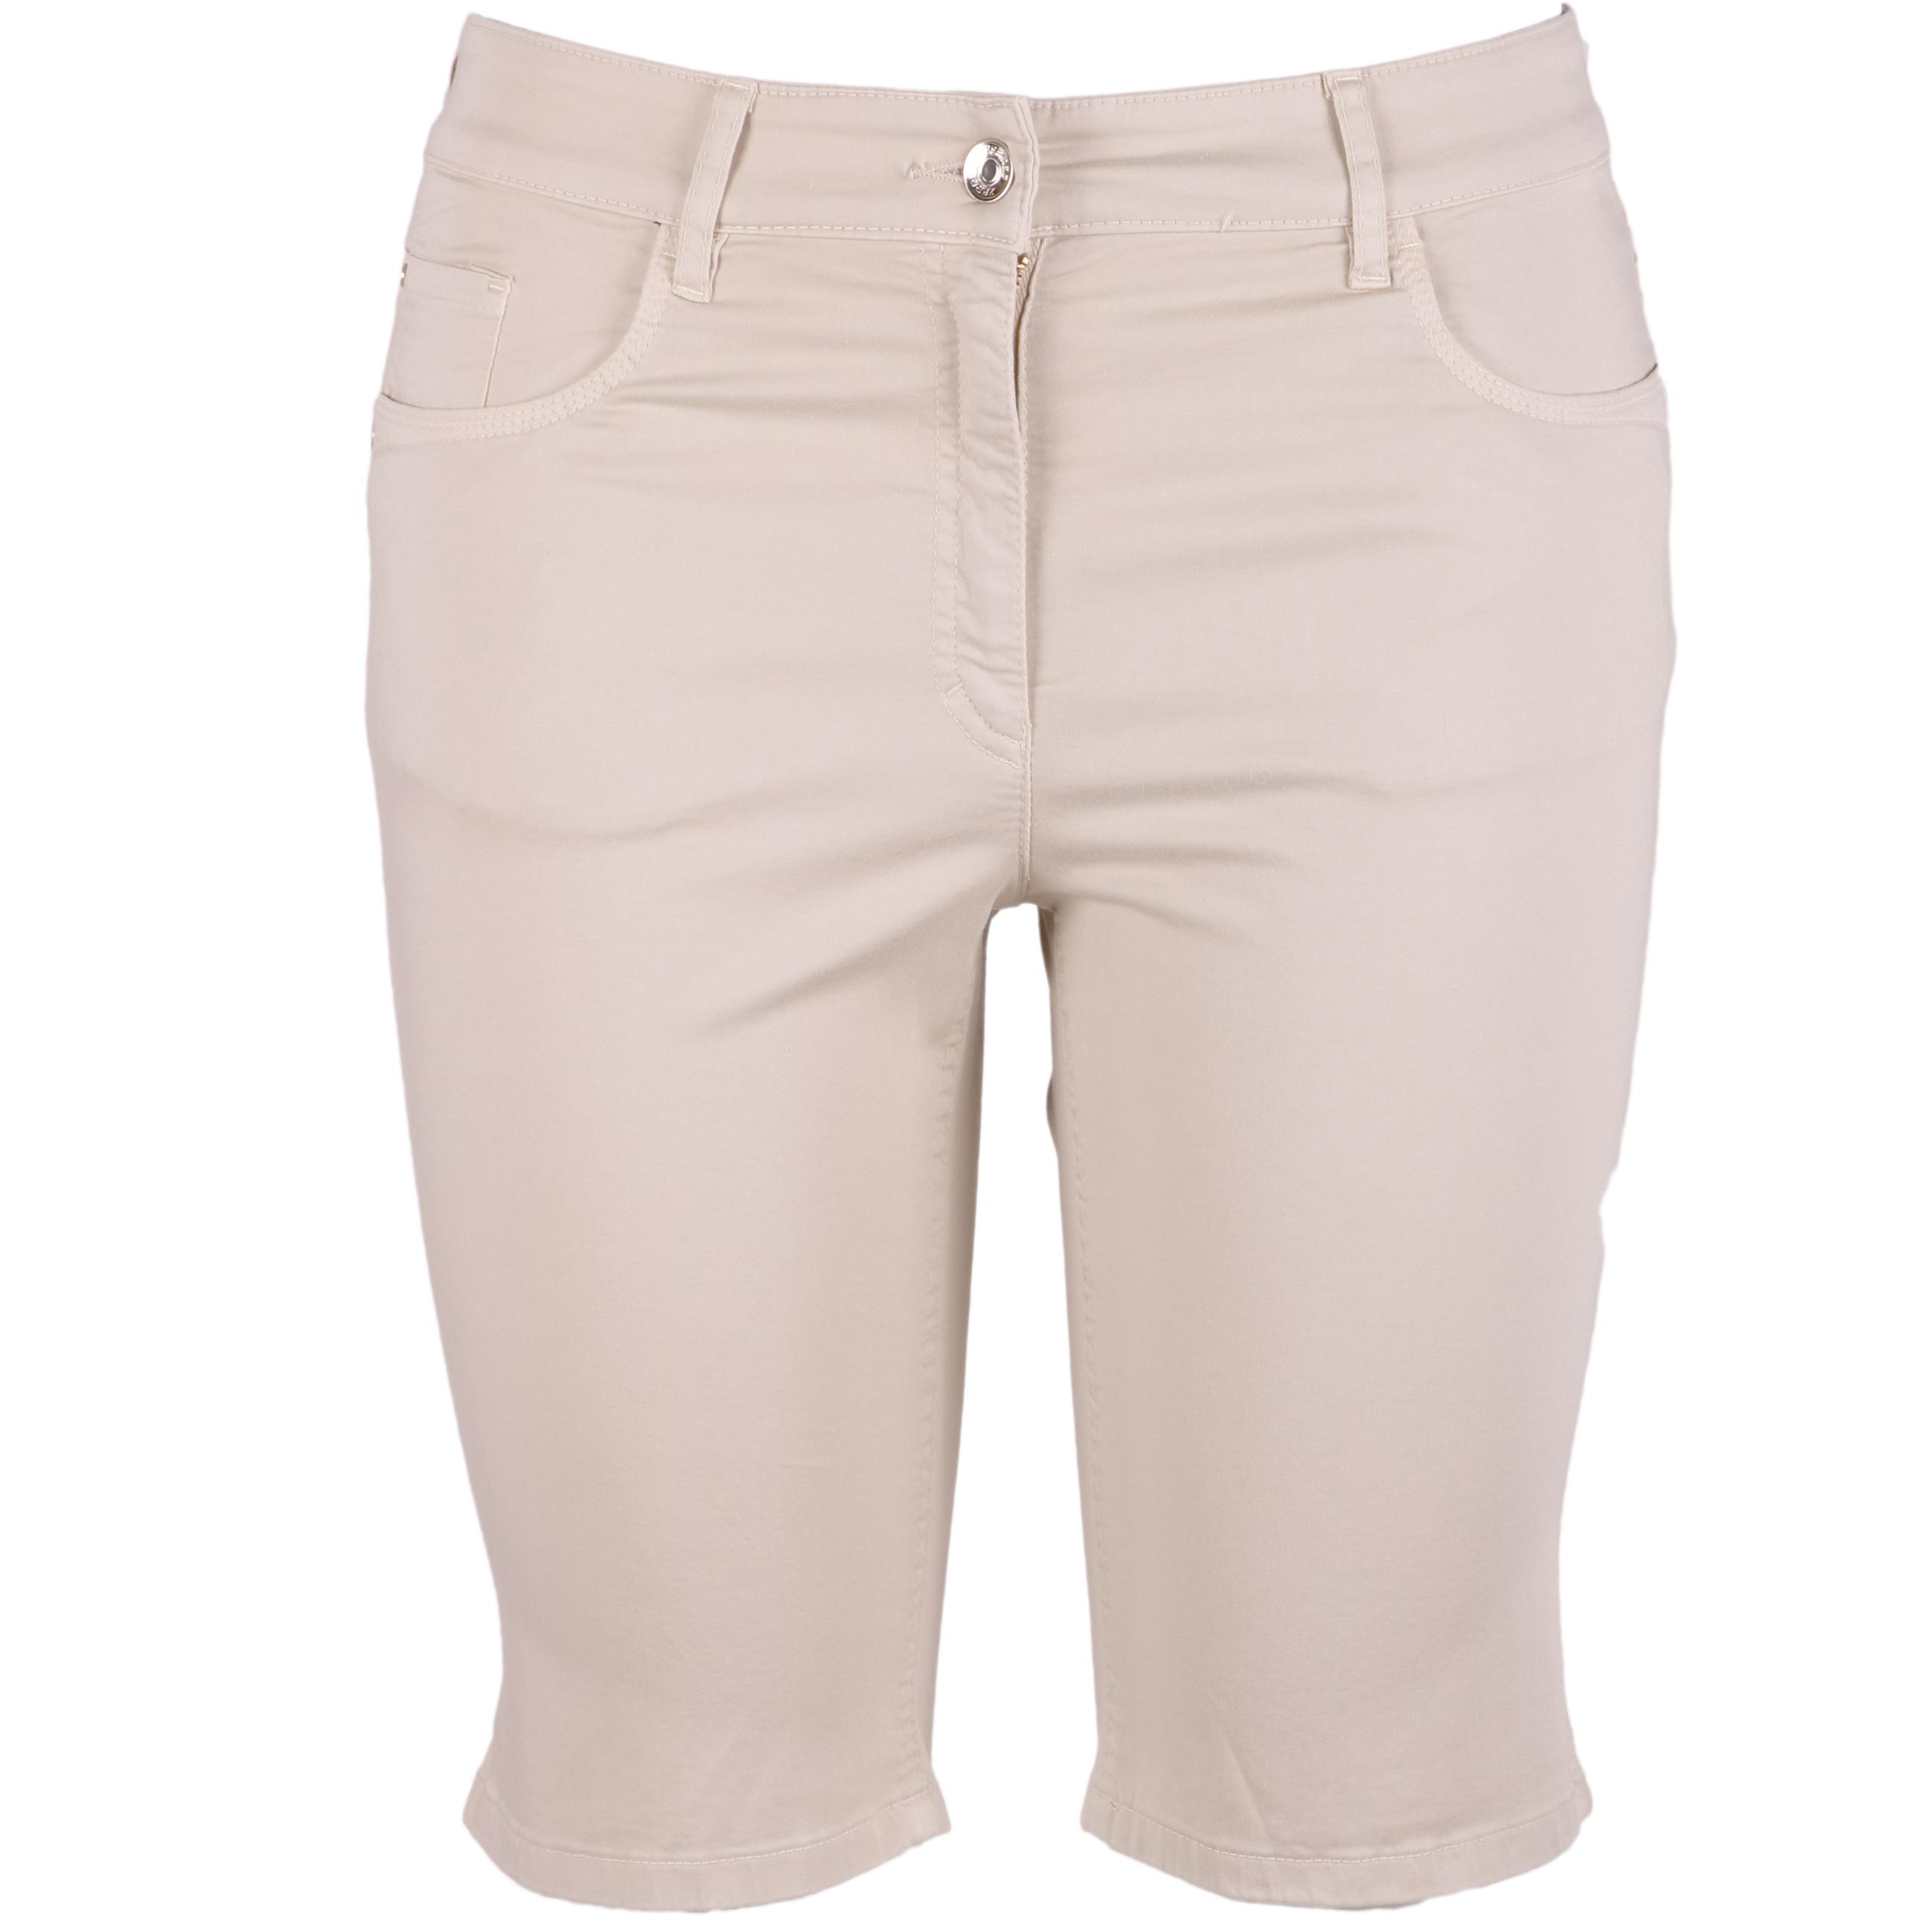 Zerres Damen Bermuda Shorts Sarah 42 beige